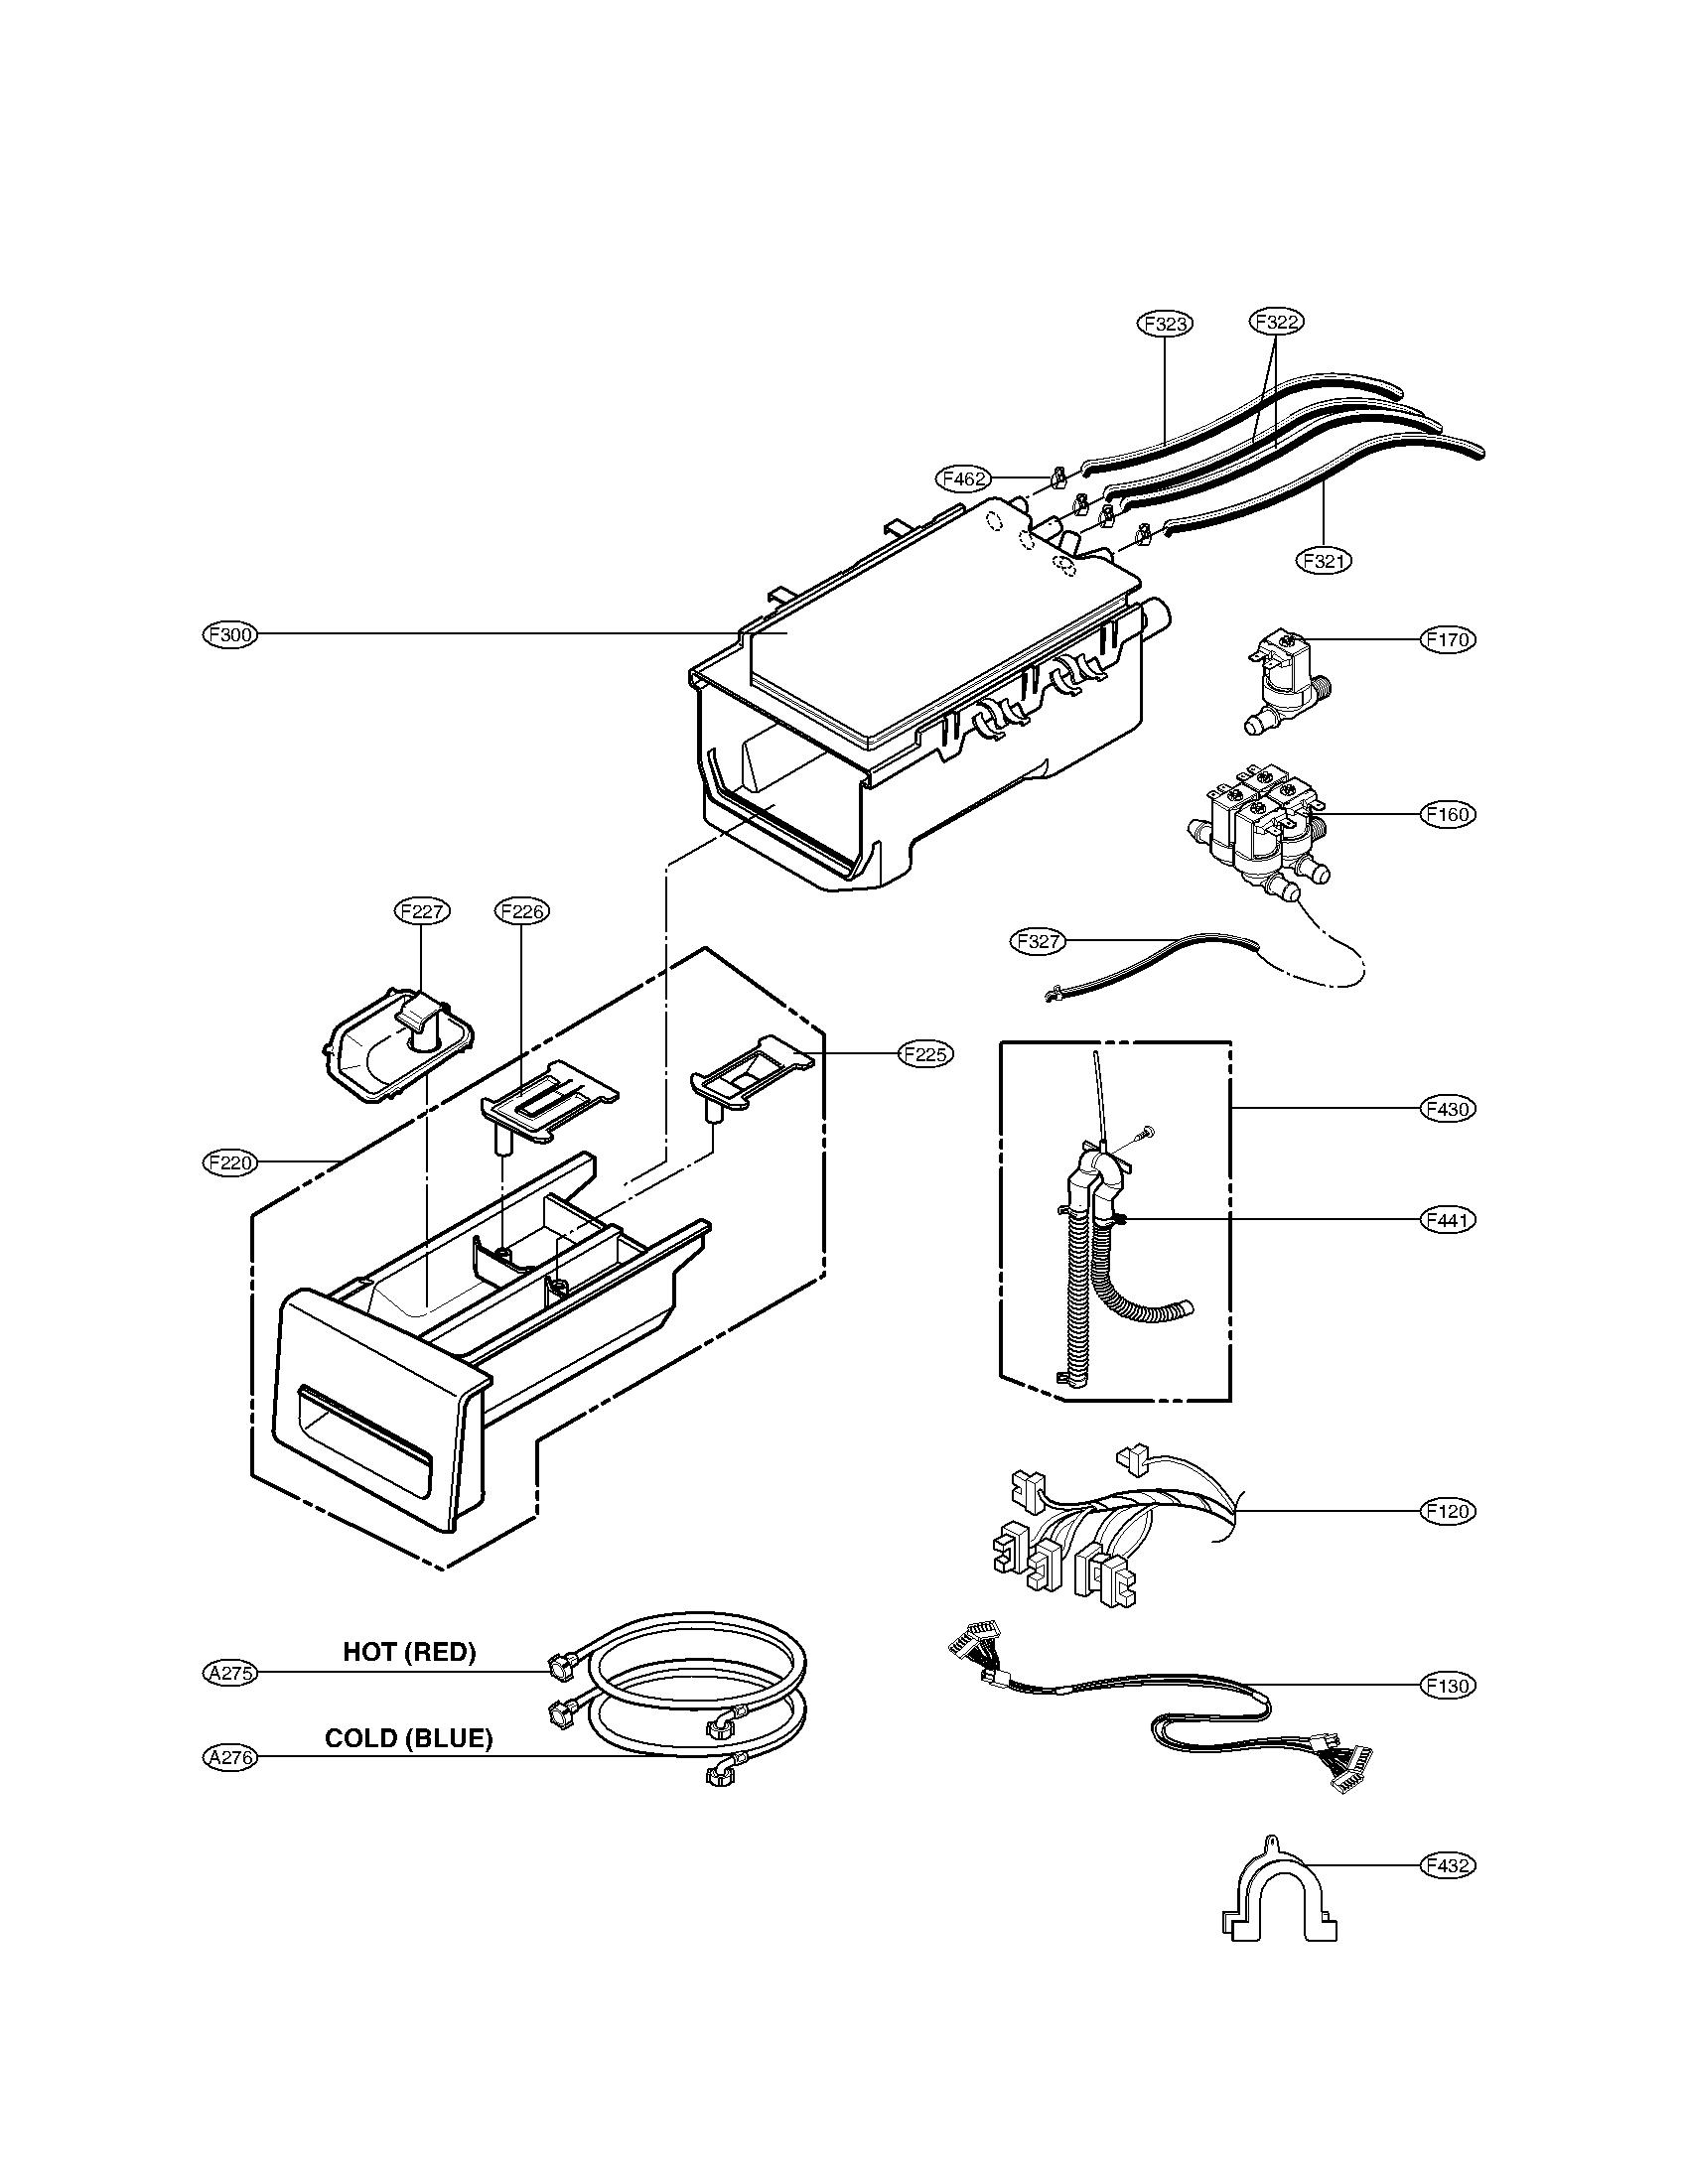 Lg Fb163 Series Service Manual Repair Guide